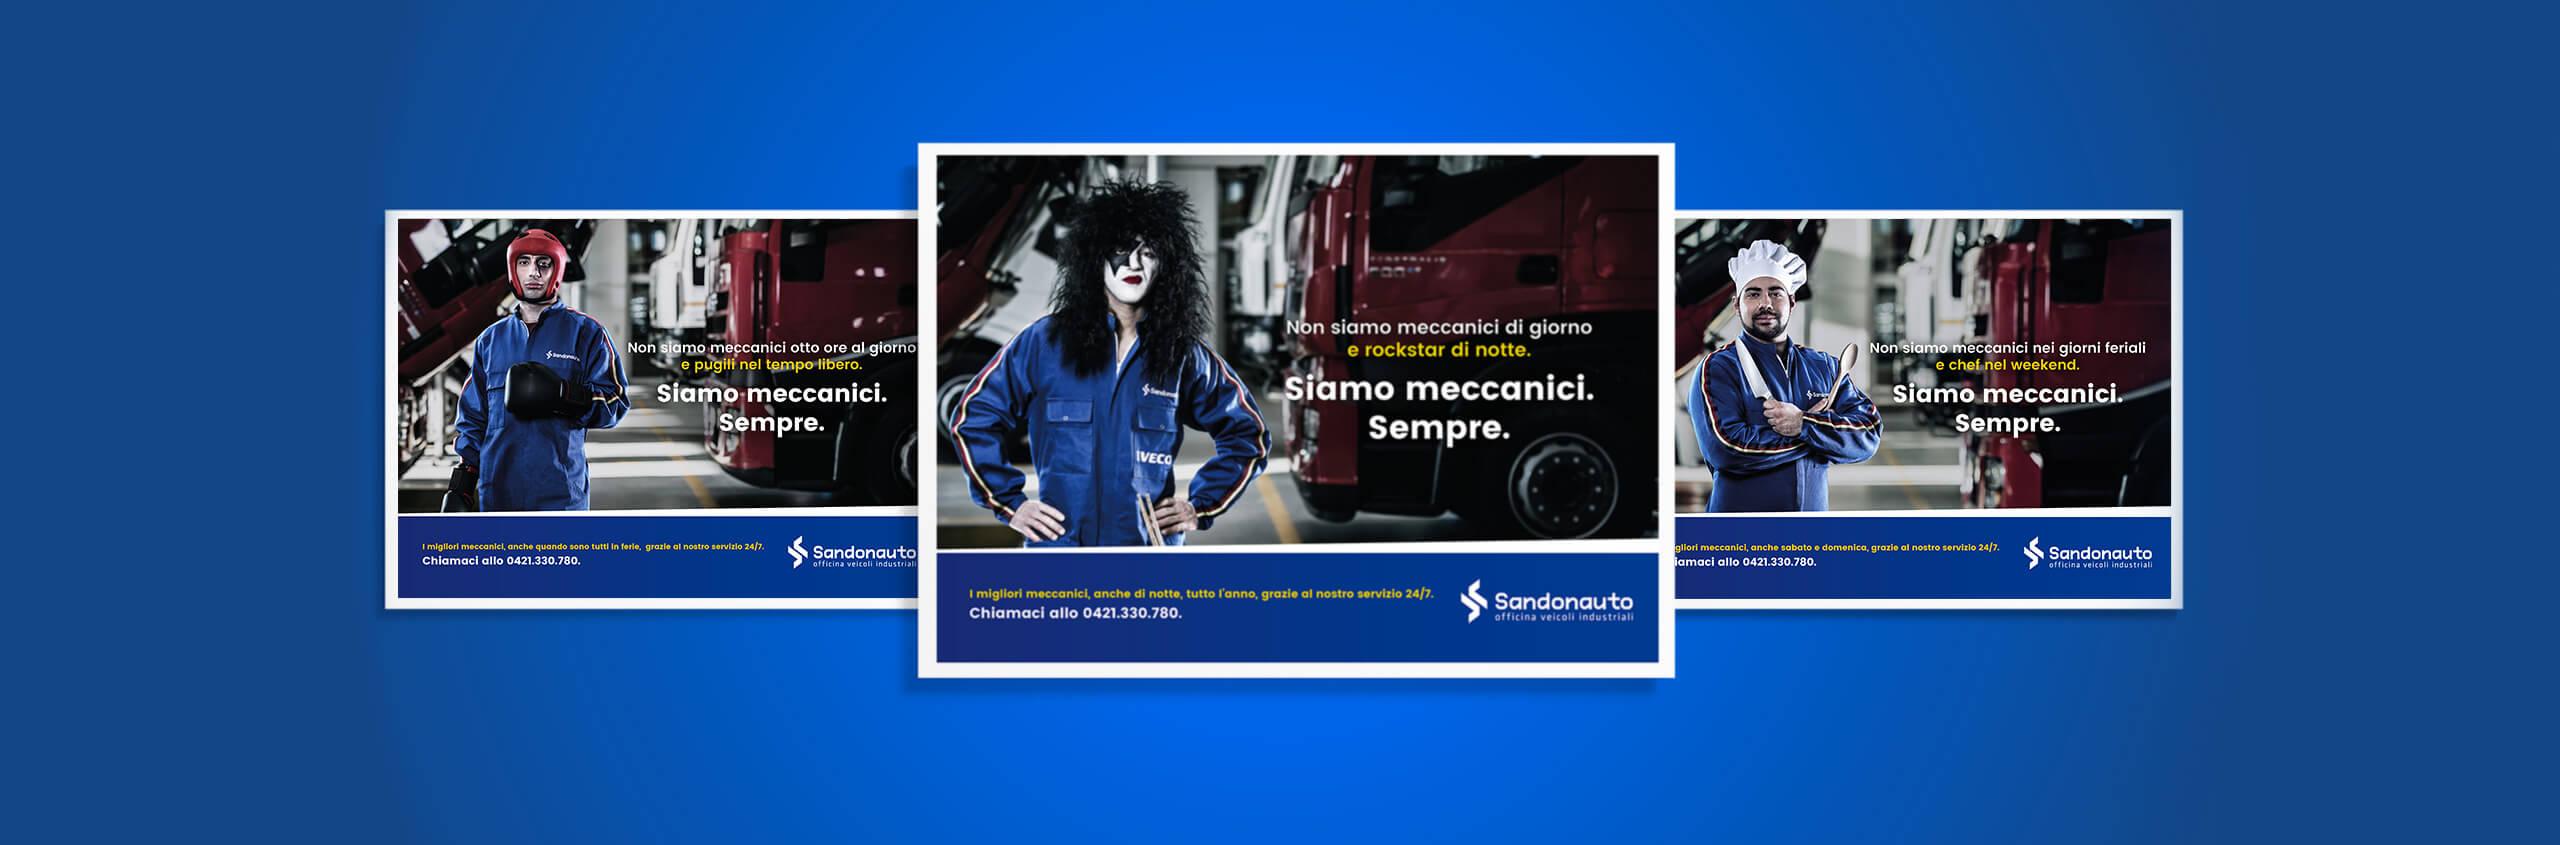 campagna advertising - KF ADV agenzia di comunicazione Vicenza